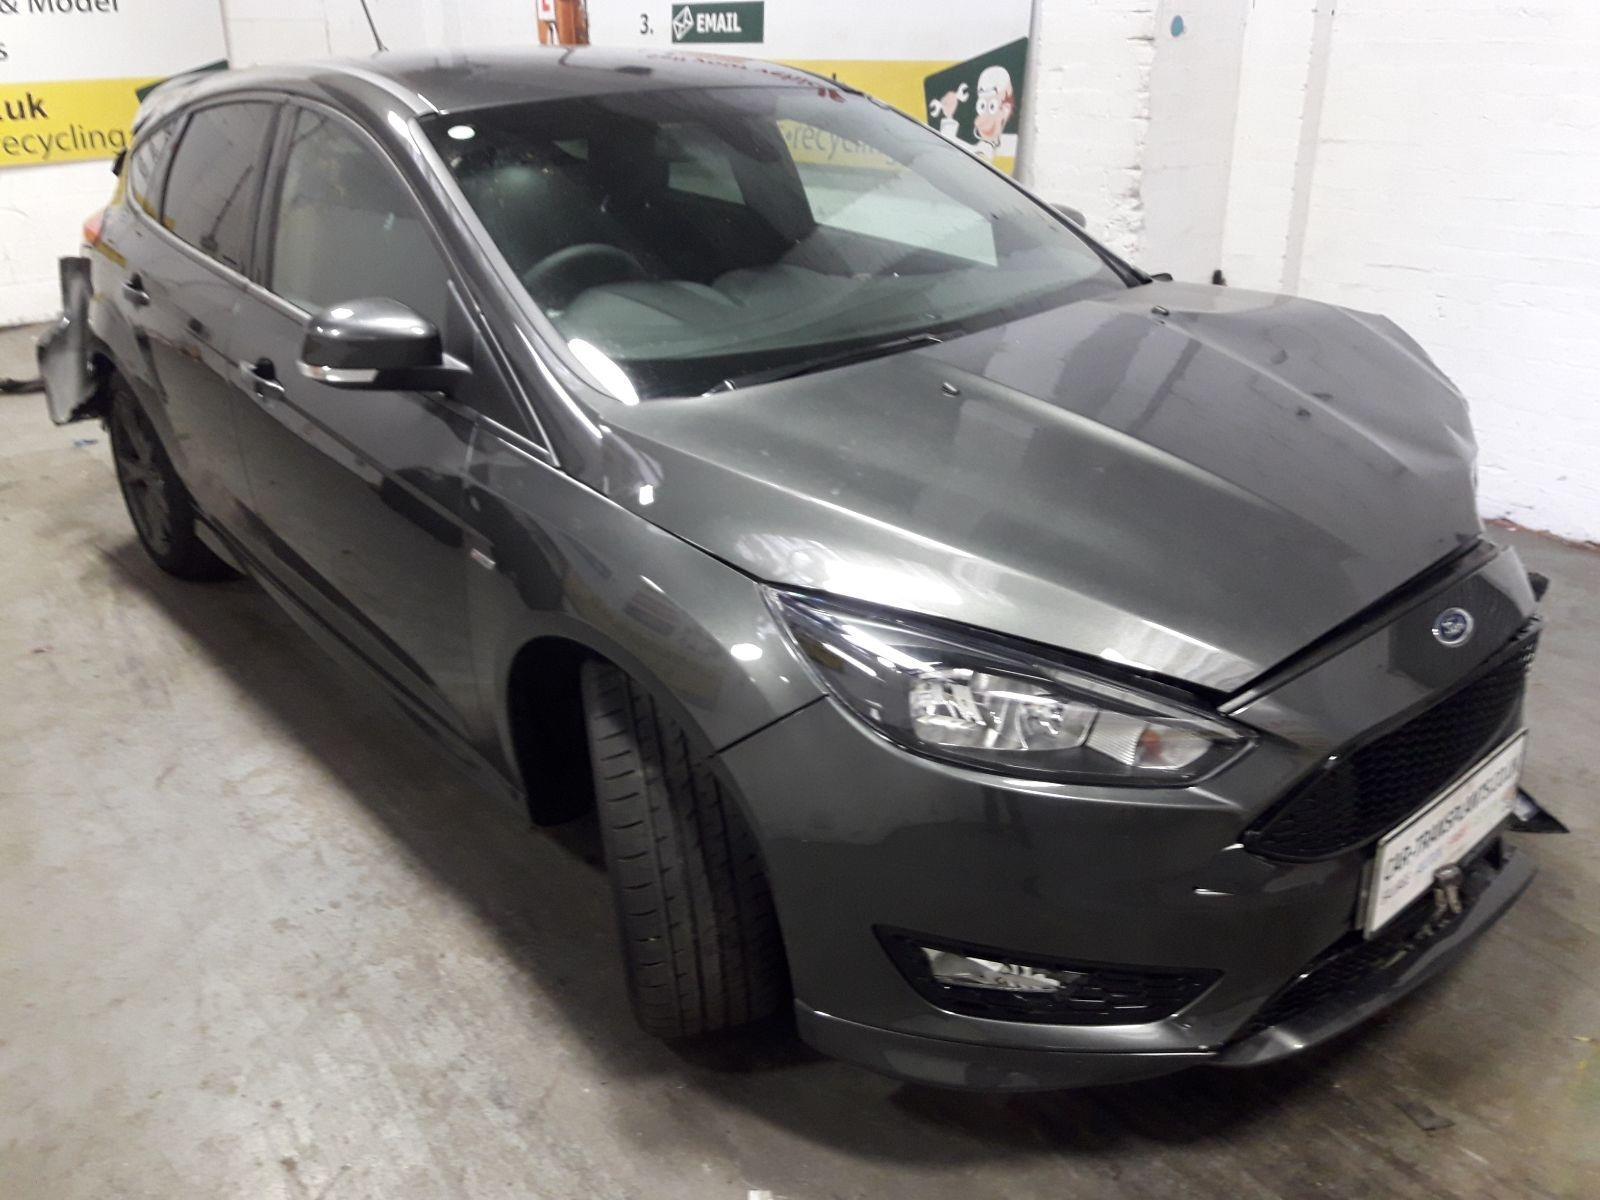 Ford Focus 2014 On ST-Line X Ecoboost S/S 5 Door Hatchback